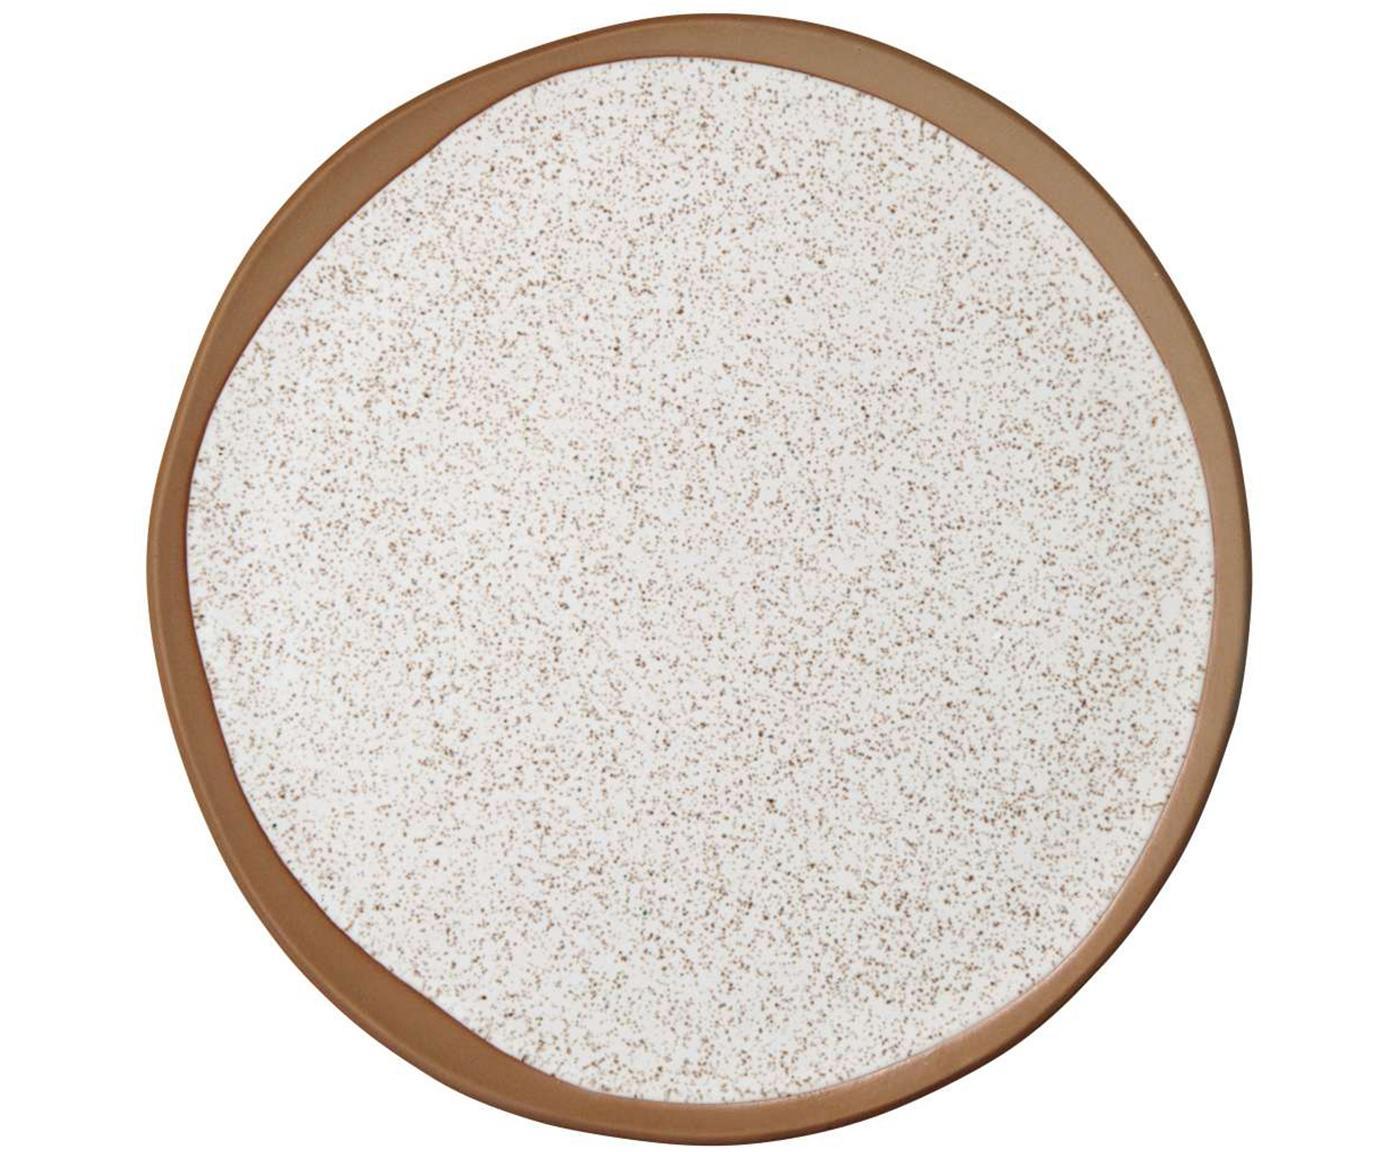 Frühstückteller Caja matt in Braun- und Beigetönen, 2 Stück, Terrakotta, Braun- und Beigetöne, Ø 21 cm